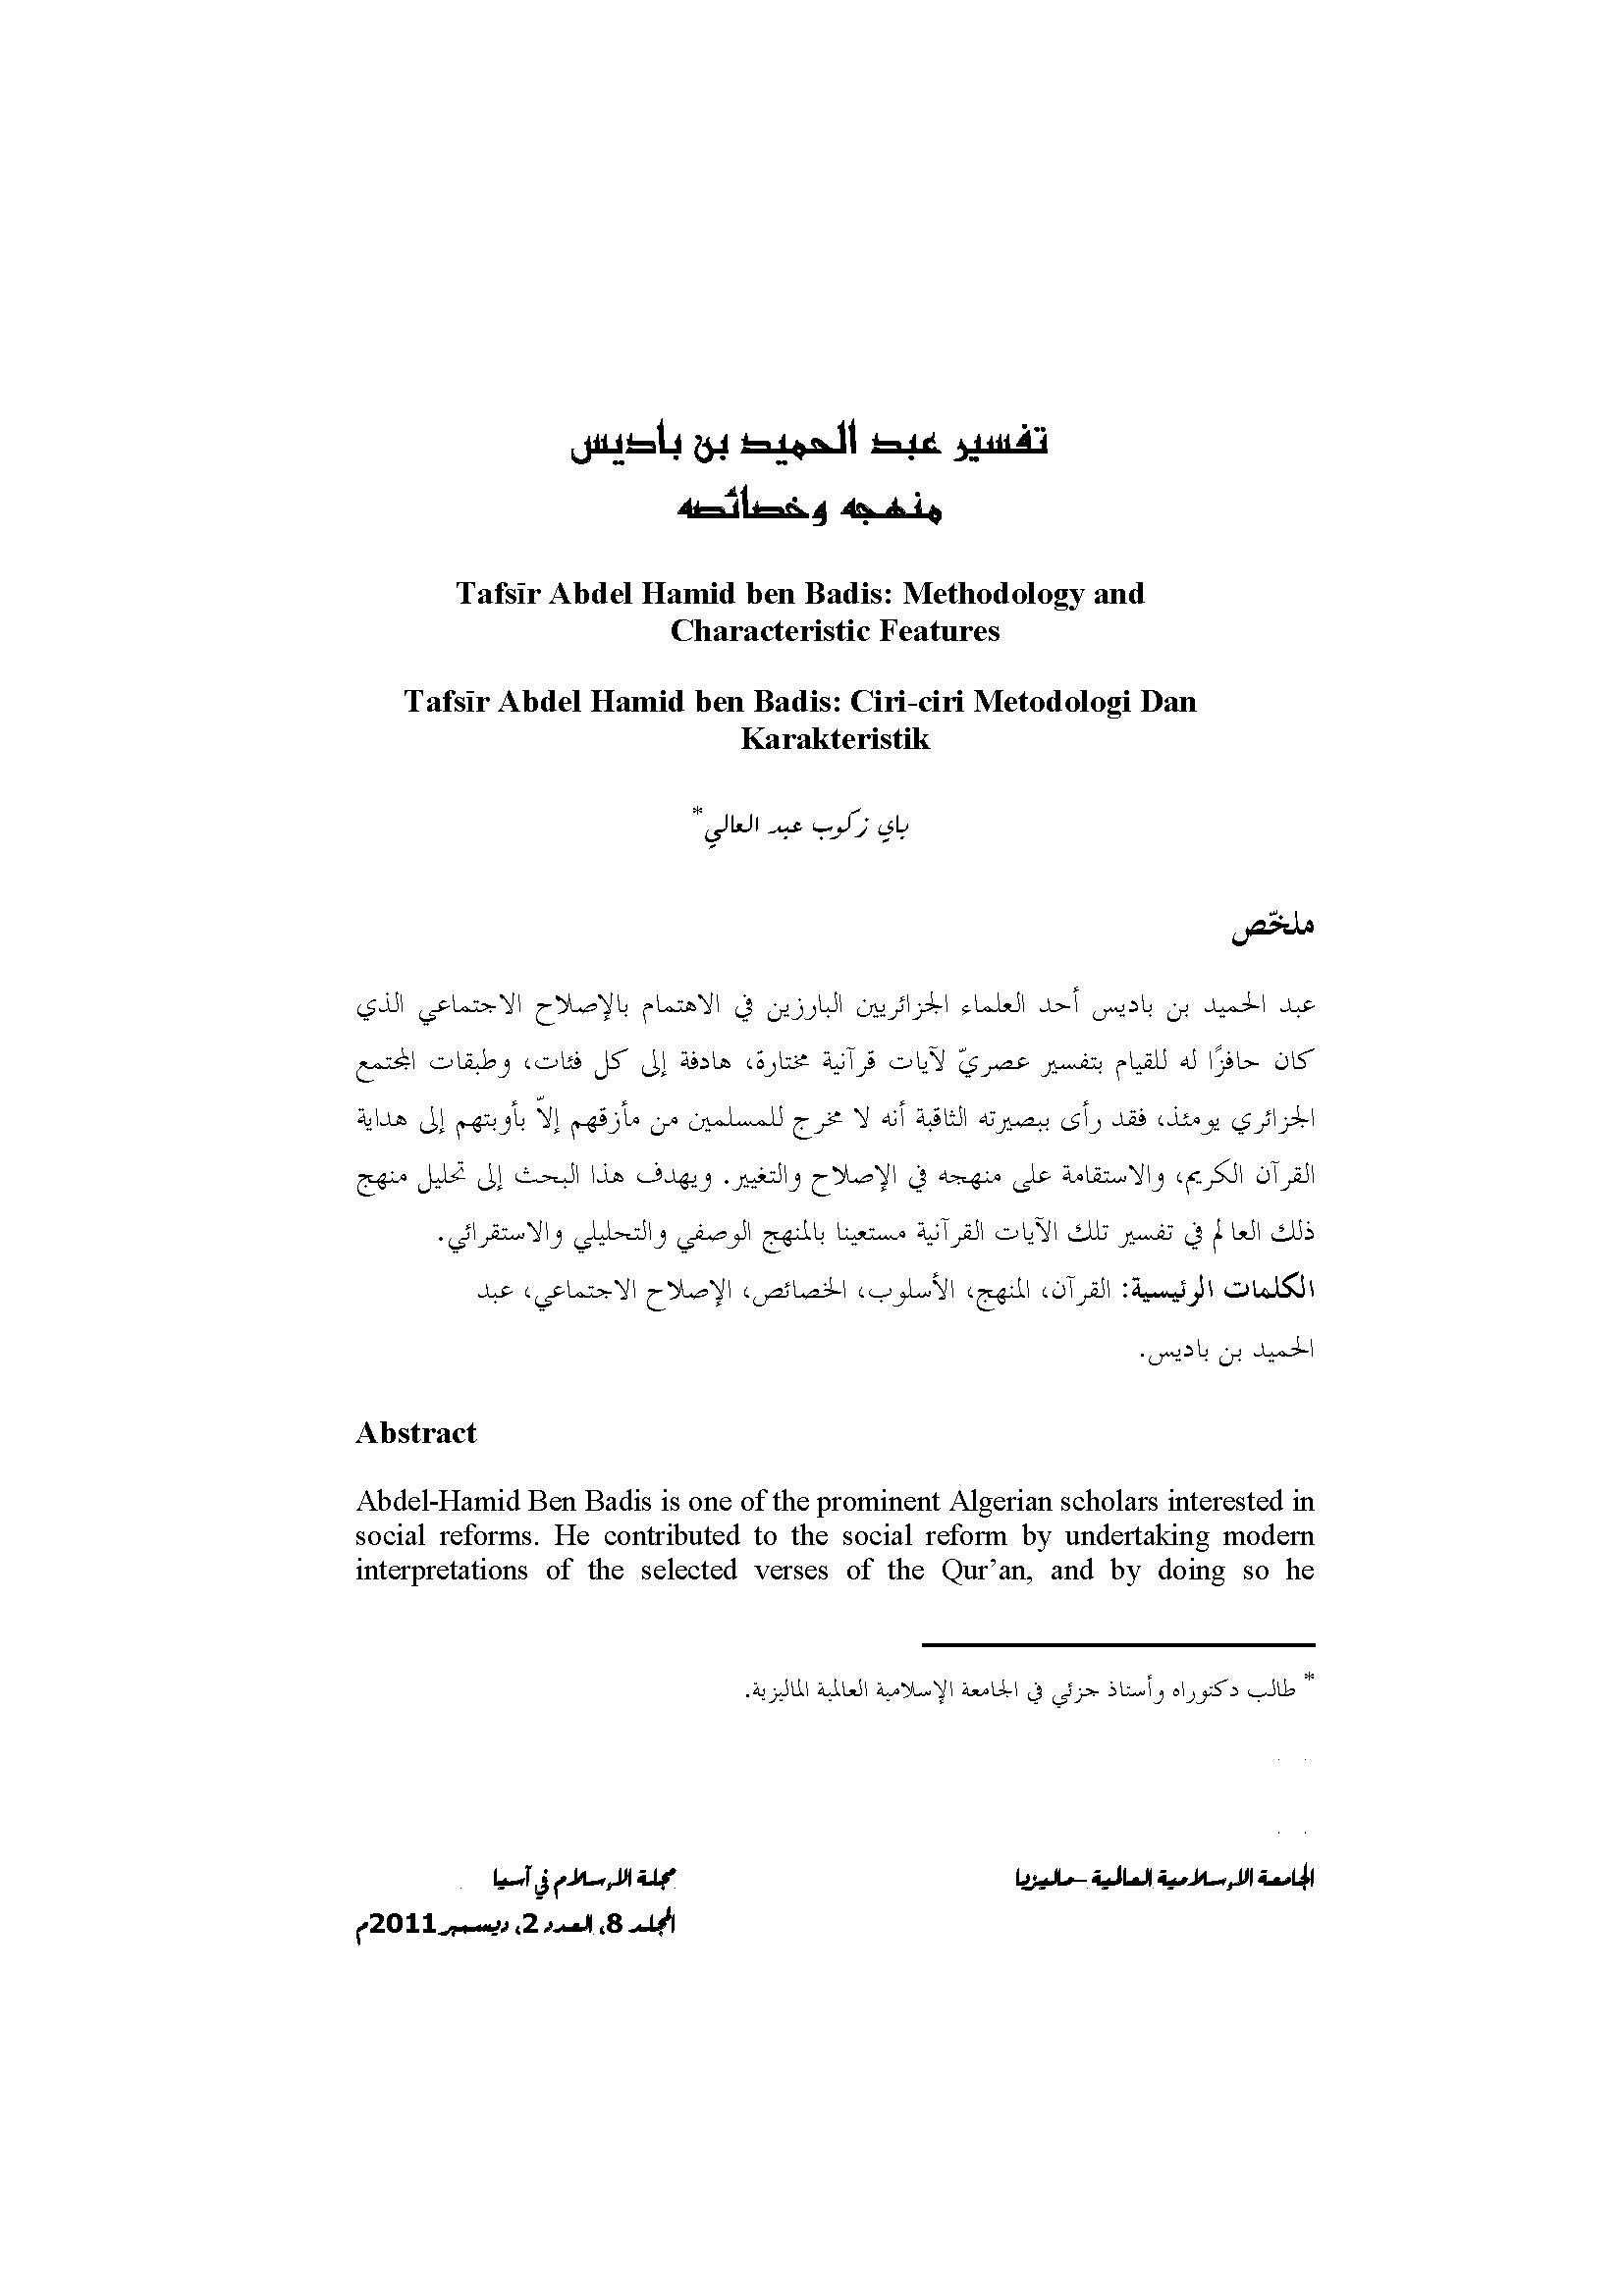 تحميل كتاب تفسير عبد الحميد بن باديس: منهجه وخصائصه لـِ: الأستاذ باي زكوب عبد العال